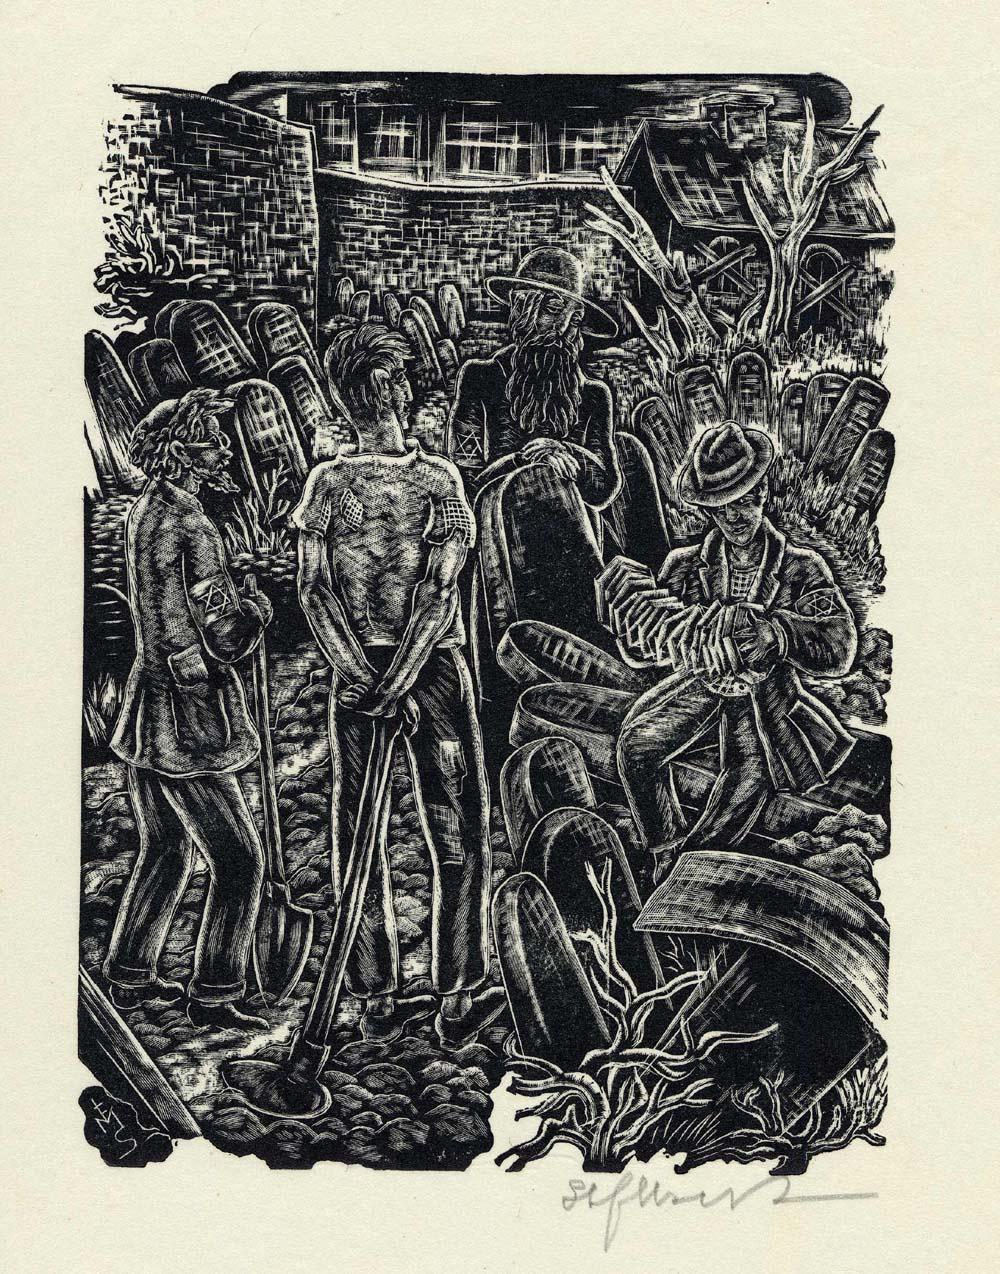 ''Cultiver des légumes dans le cimetière'', estampe réalisée par Stefan Mrozewski